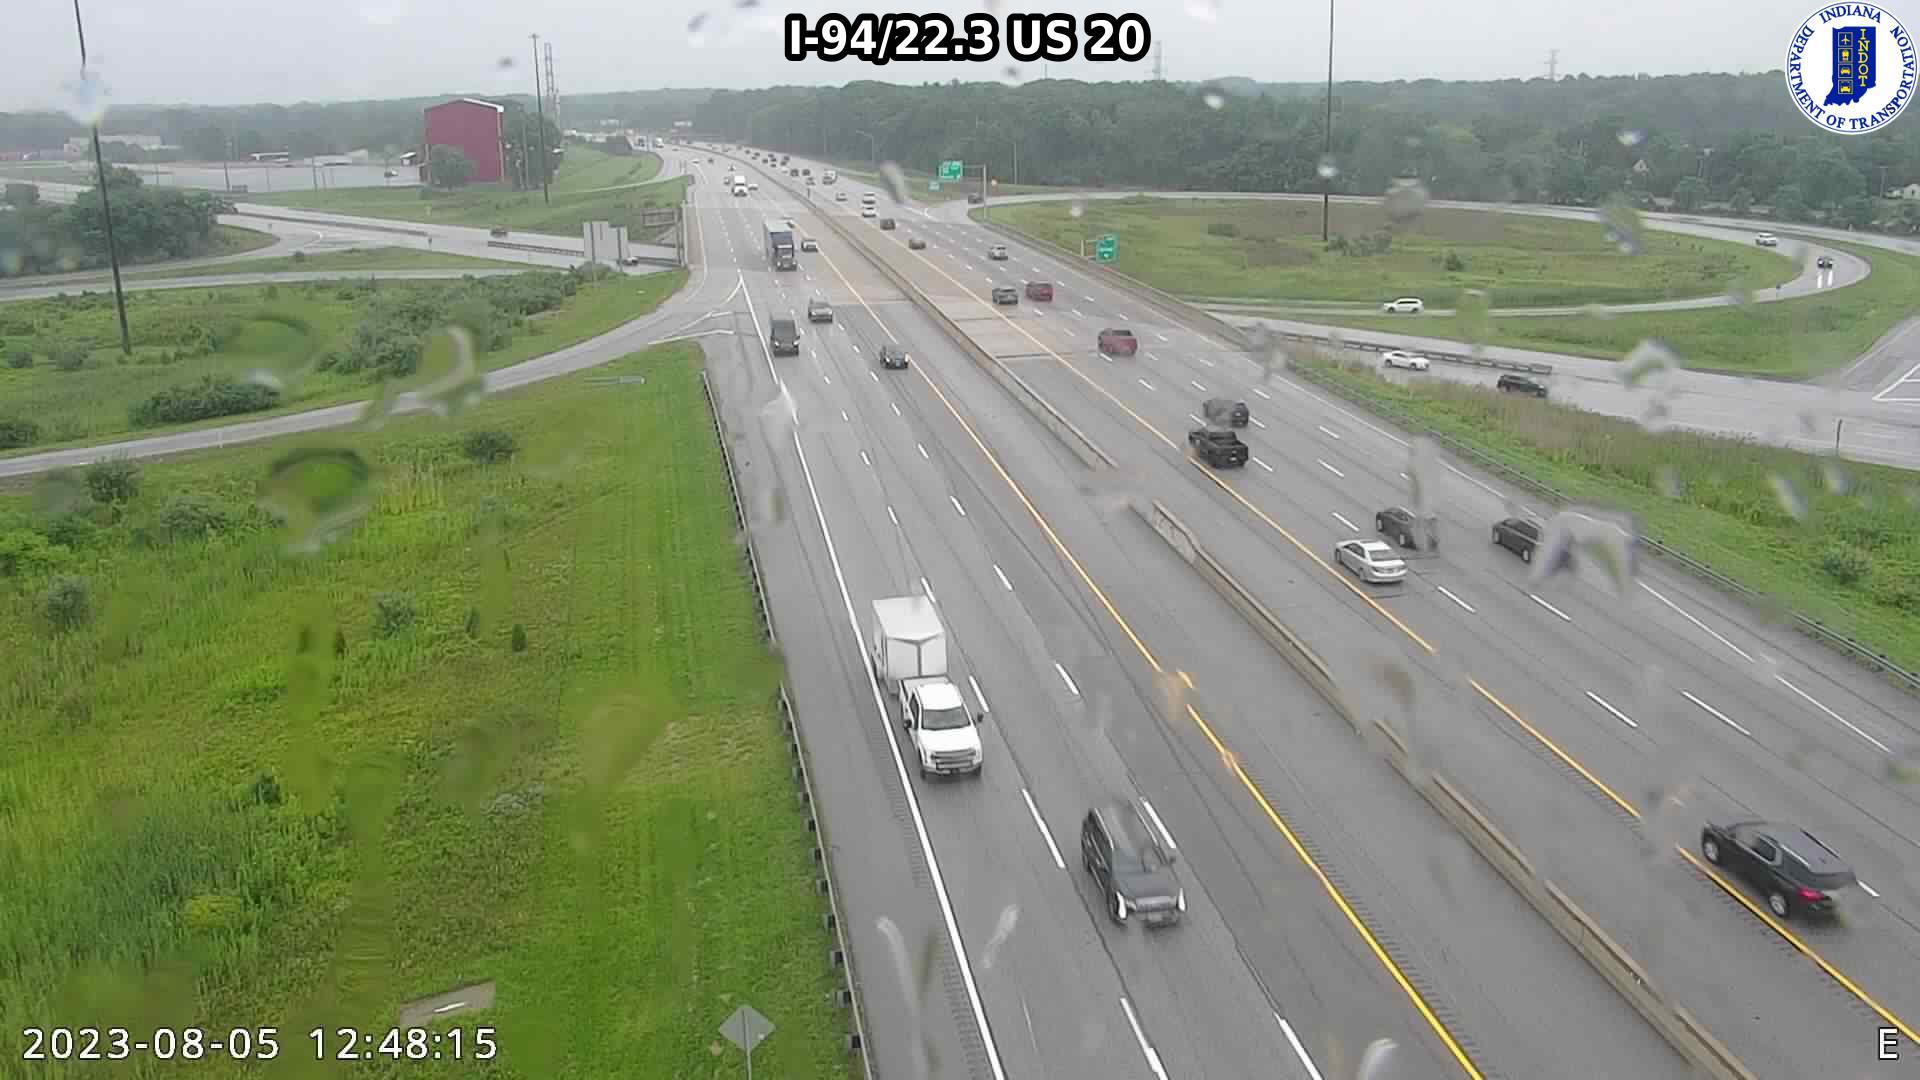 camera snapshot for WB I-94 at US-20